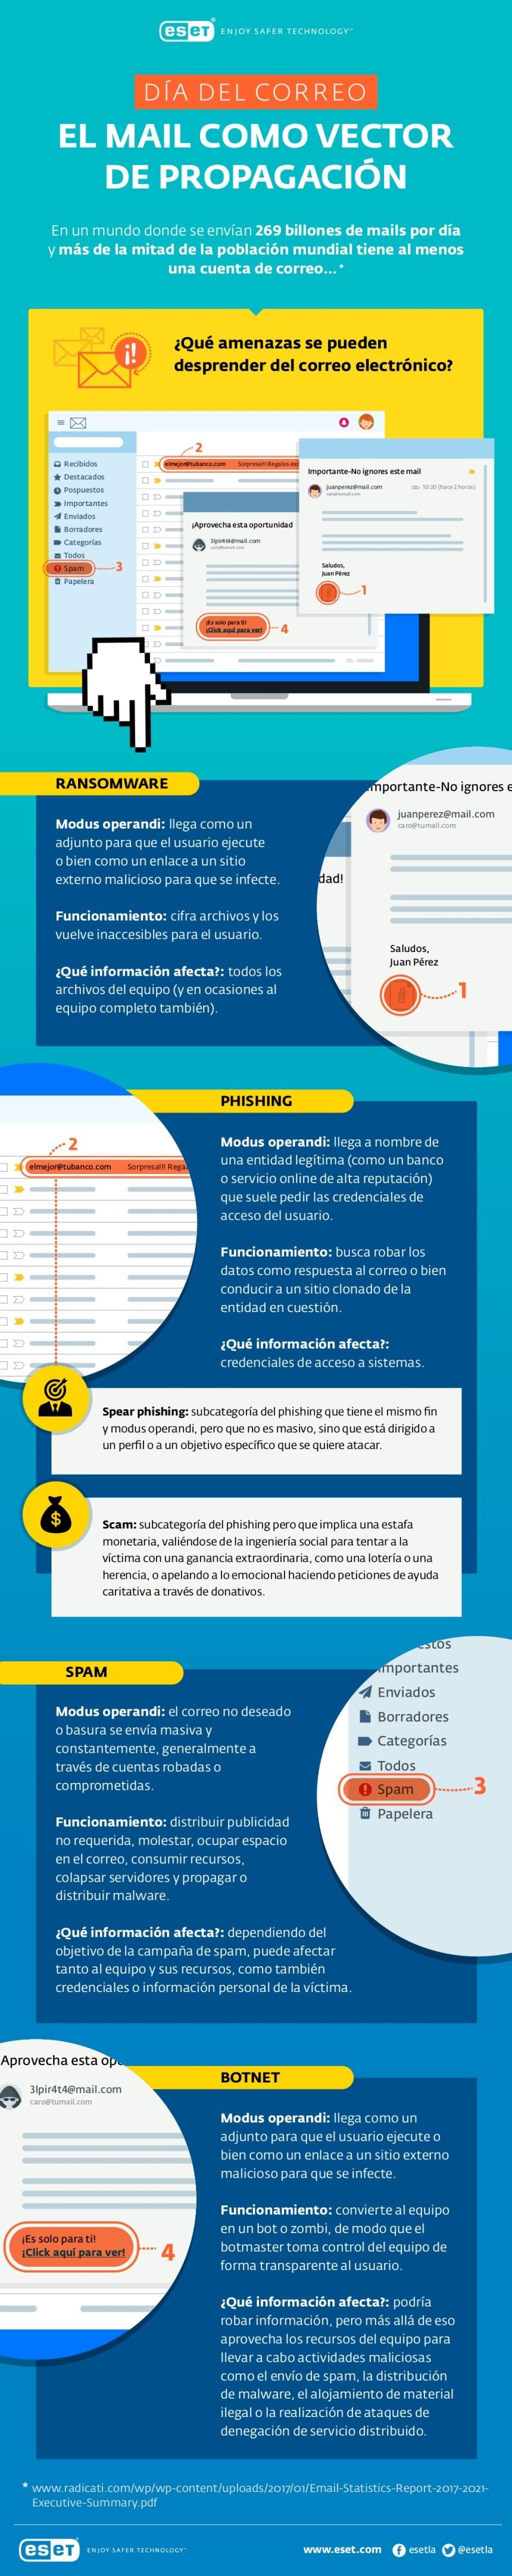 El correo electrónico como vector de propagación del malware